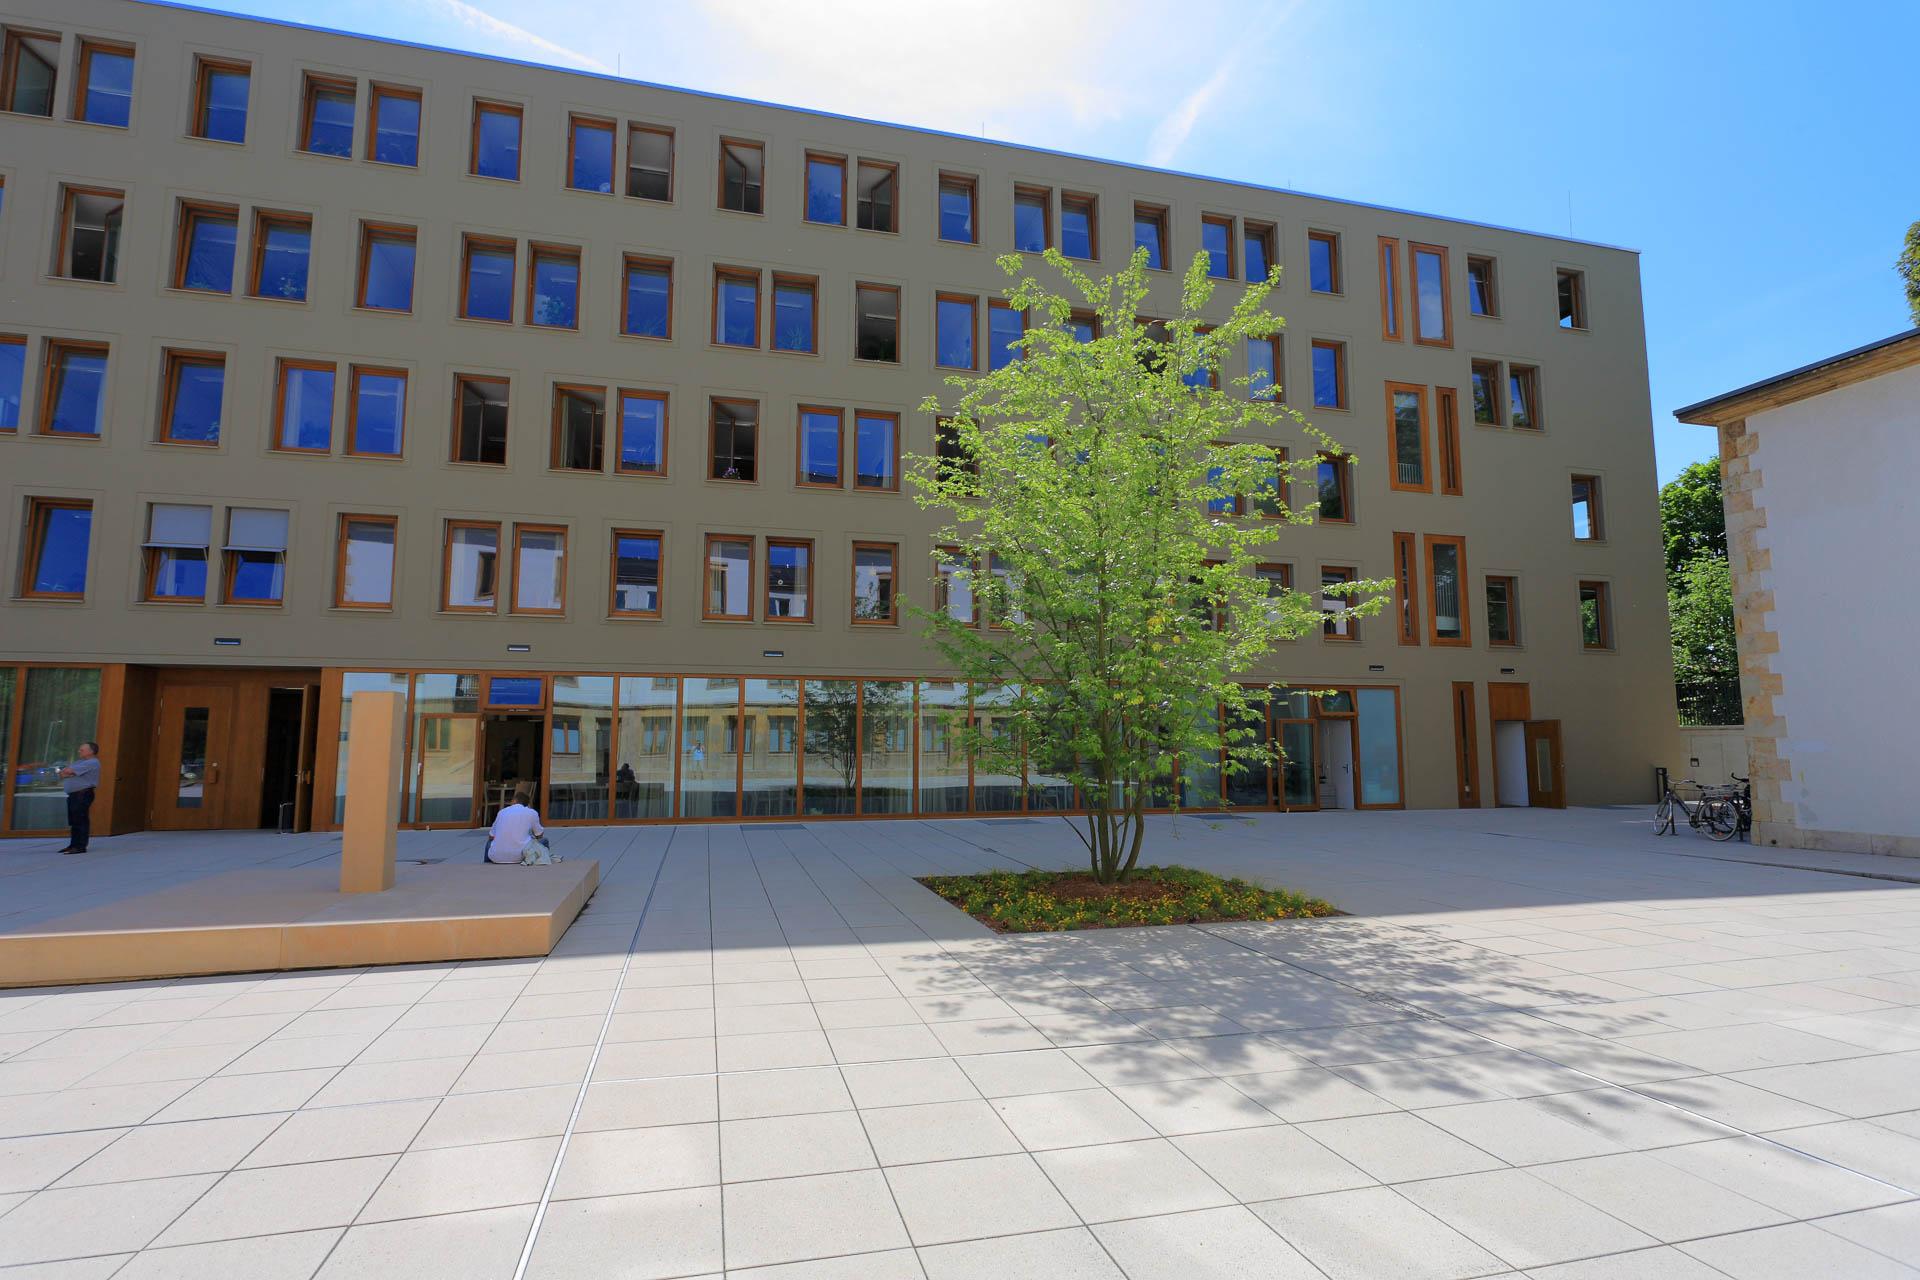 Stadtverwaltung Weimar Neubau